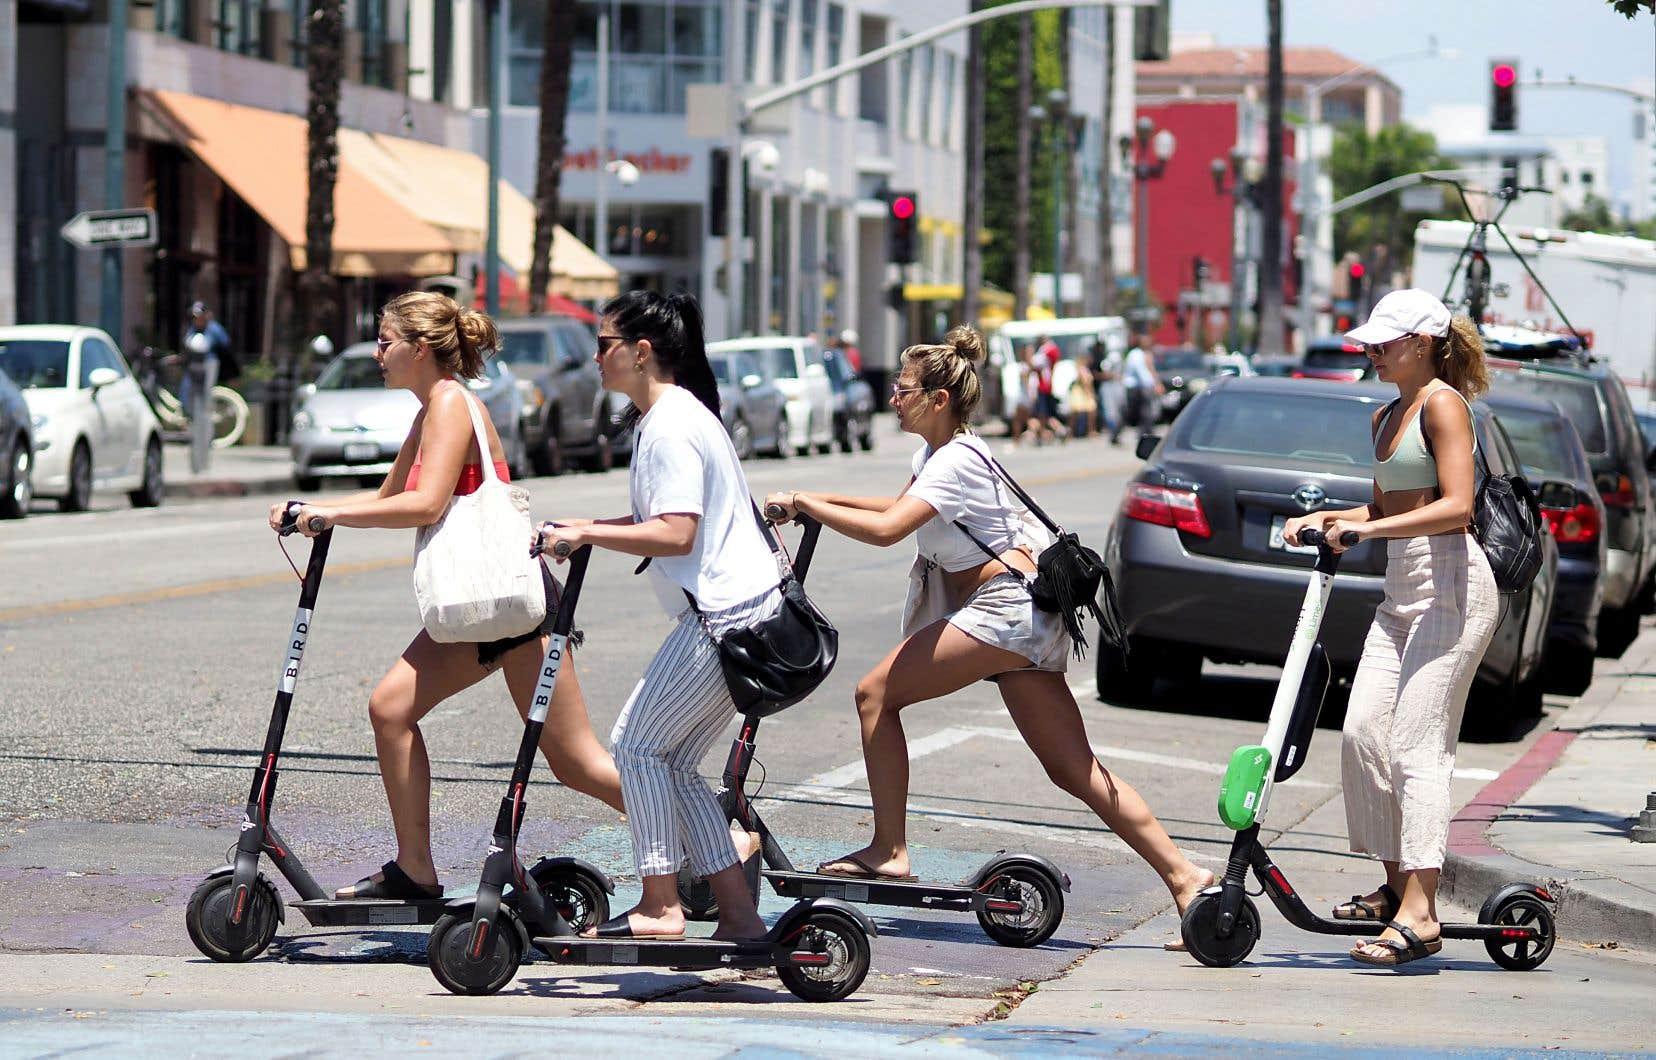 Lancée à la fin de l'année dernière en Californie, la trottinette électrique, offerte en libre-service au moyen d'une application mobile, est, moins d'un an plus tard, présente dans la plupart des grandes villes américaines.